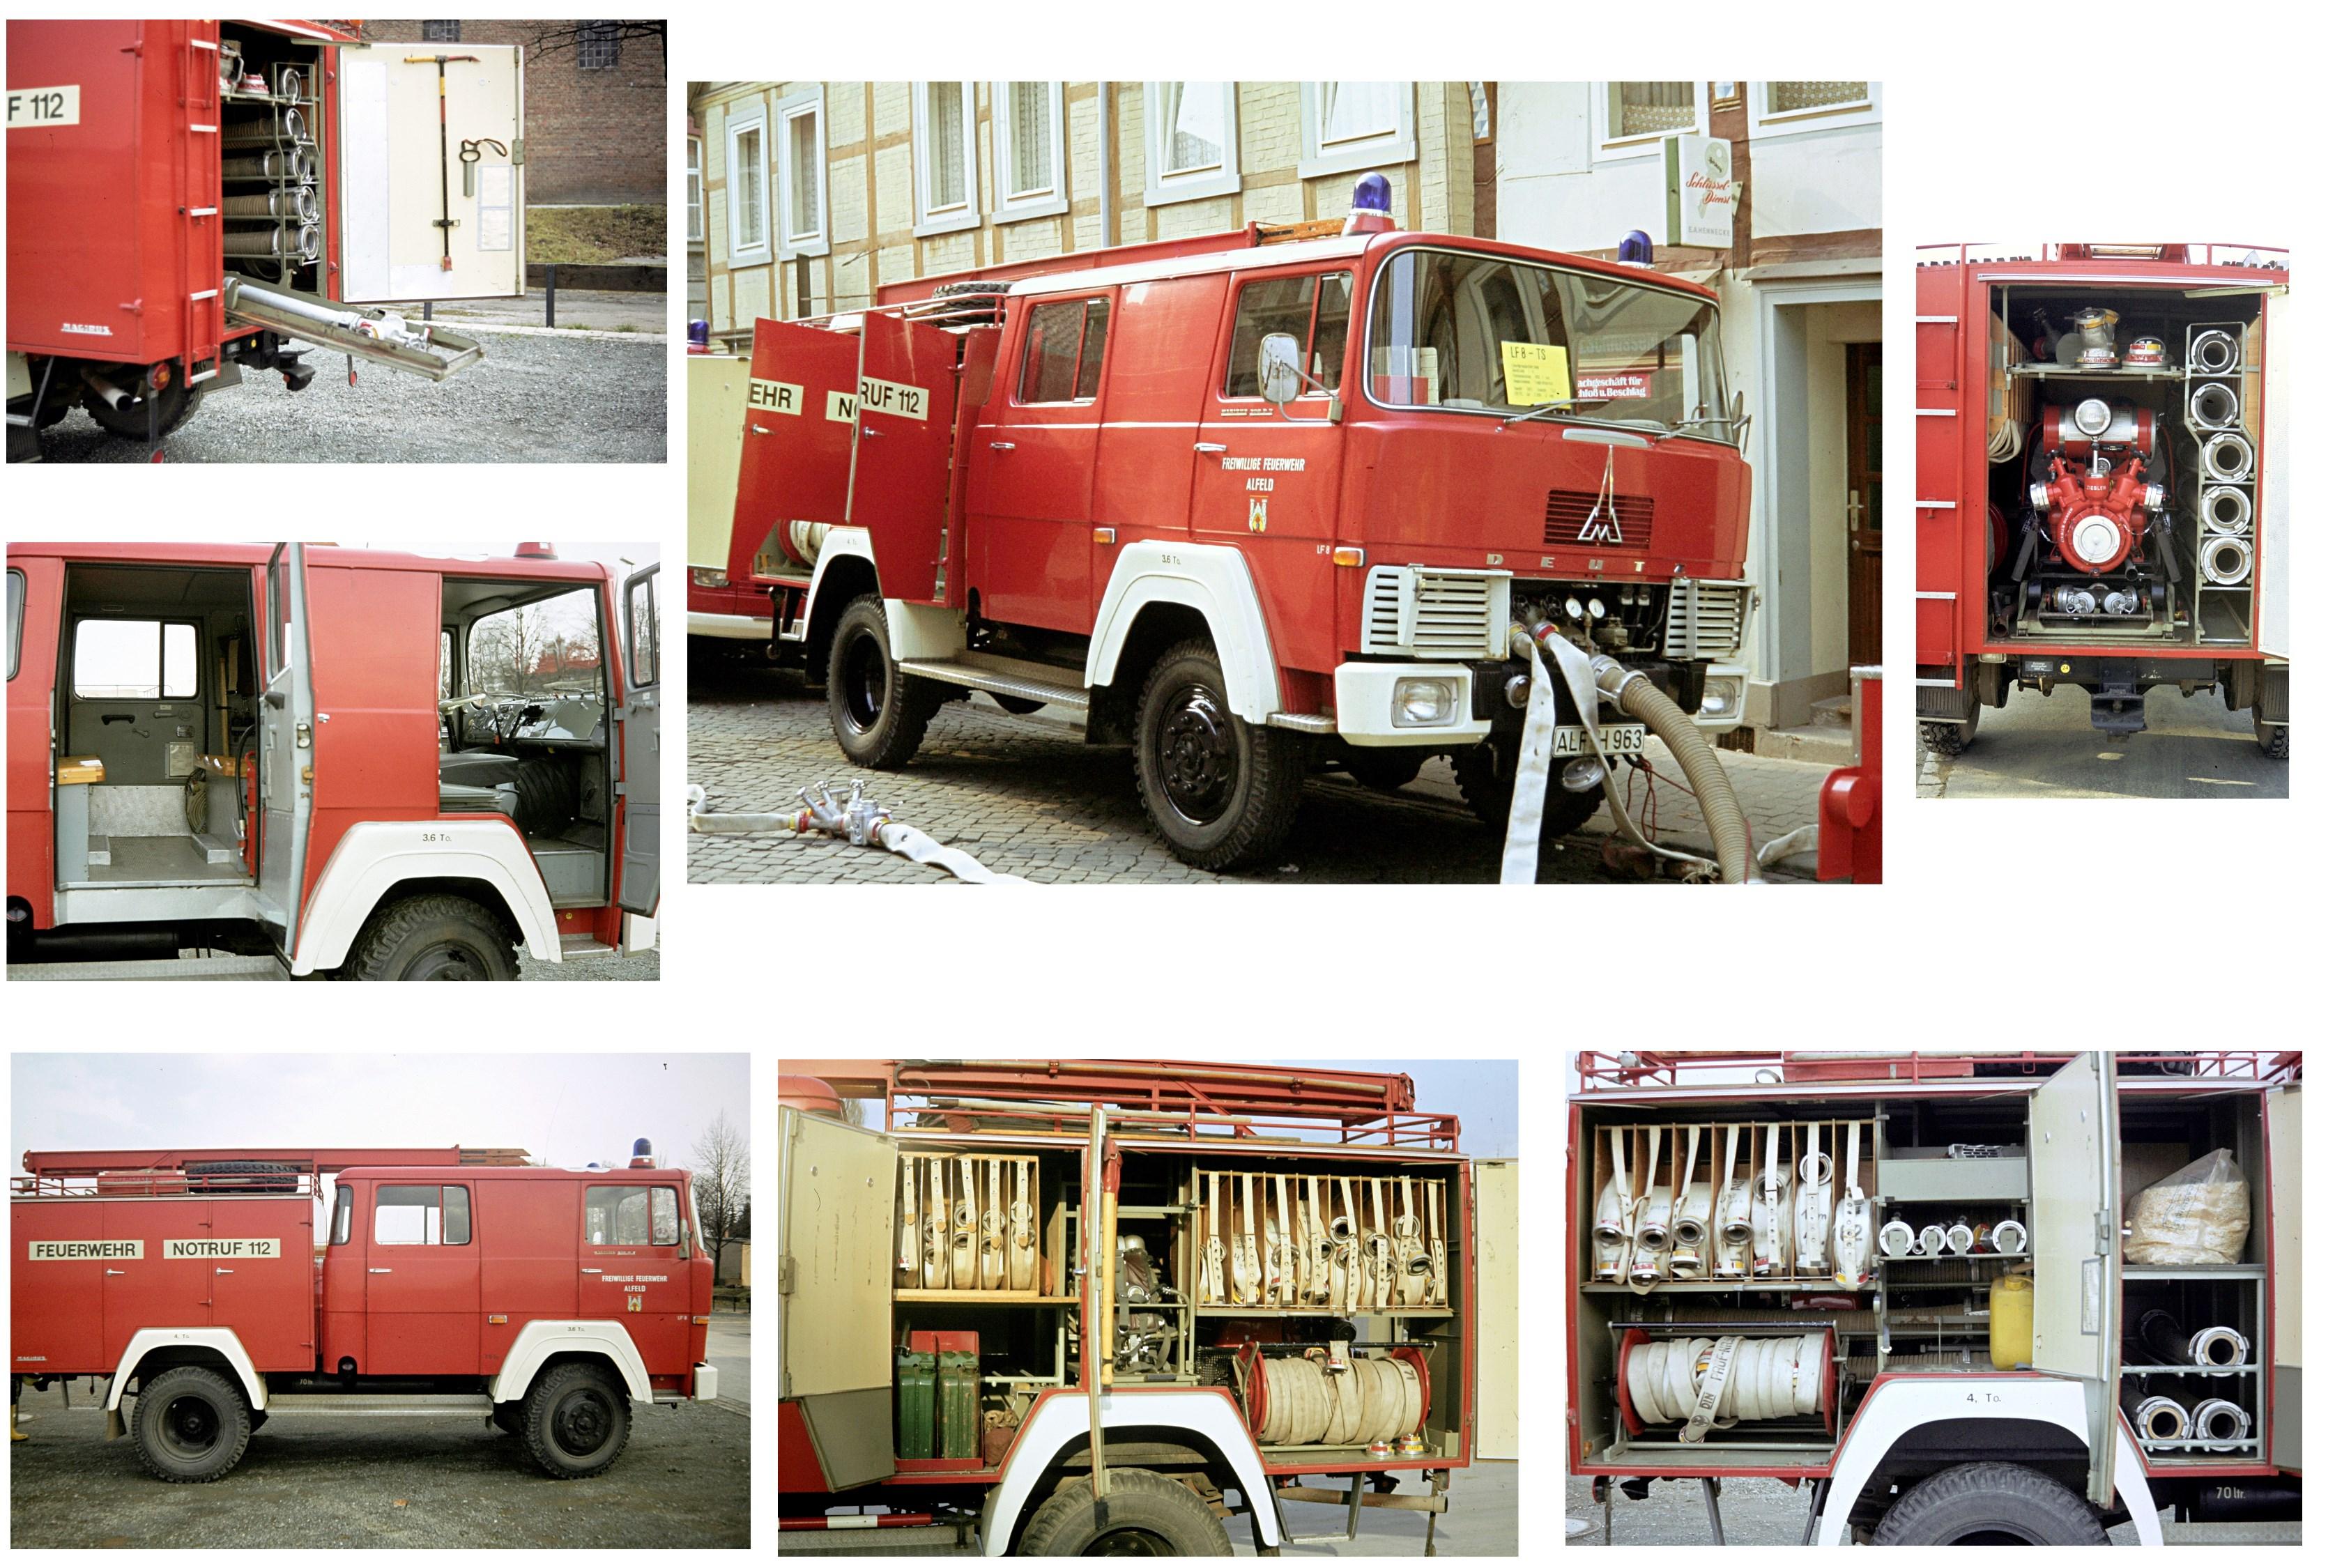 LF 8, 1967 bis 1988, ALF-H 963, Dieses Fahrzeug wurde 1988 an die Stützpunktwehr Föhrste abgegeben